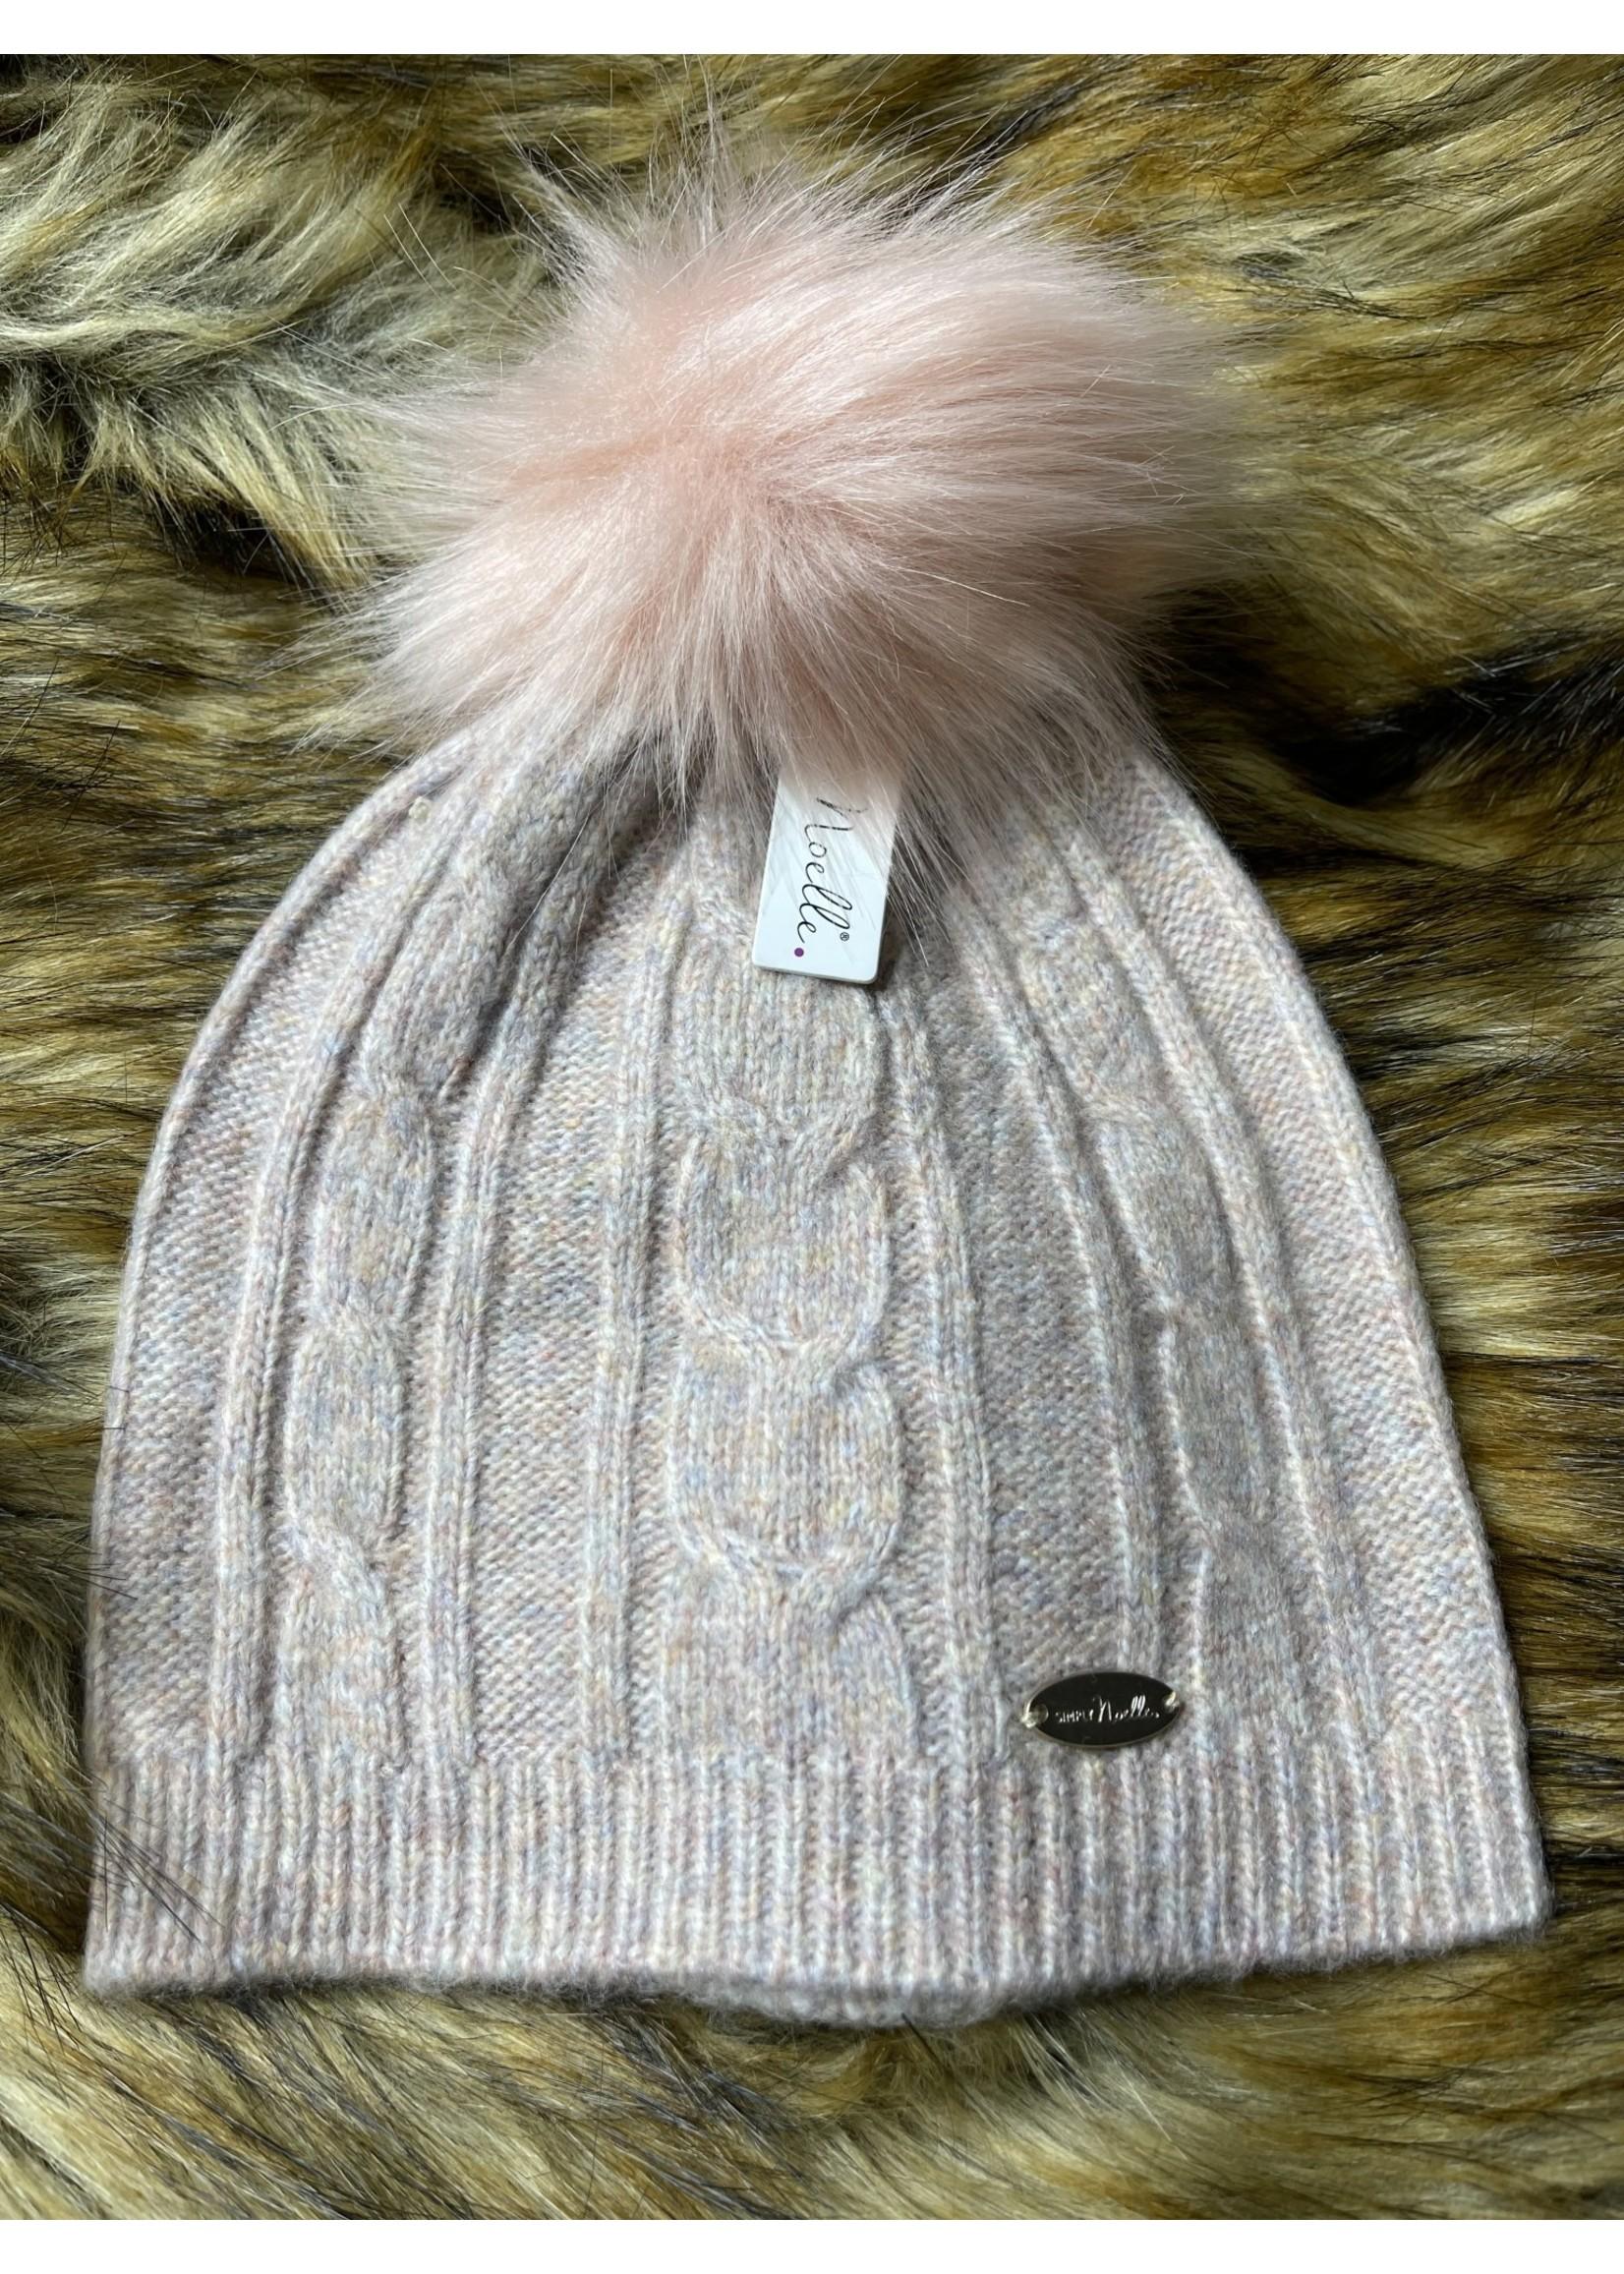 SIMPLY NOELLE HAT8105 SUGARPLUM HAT